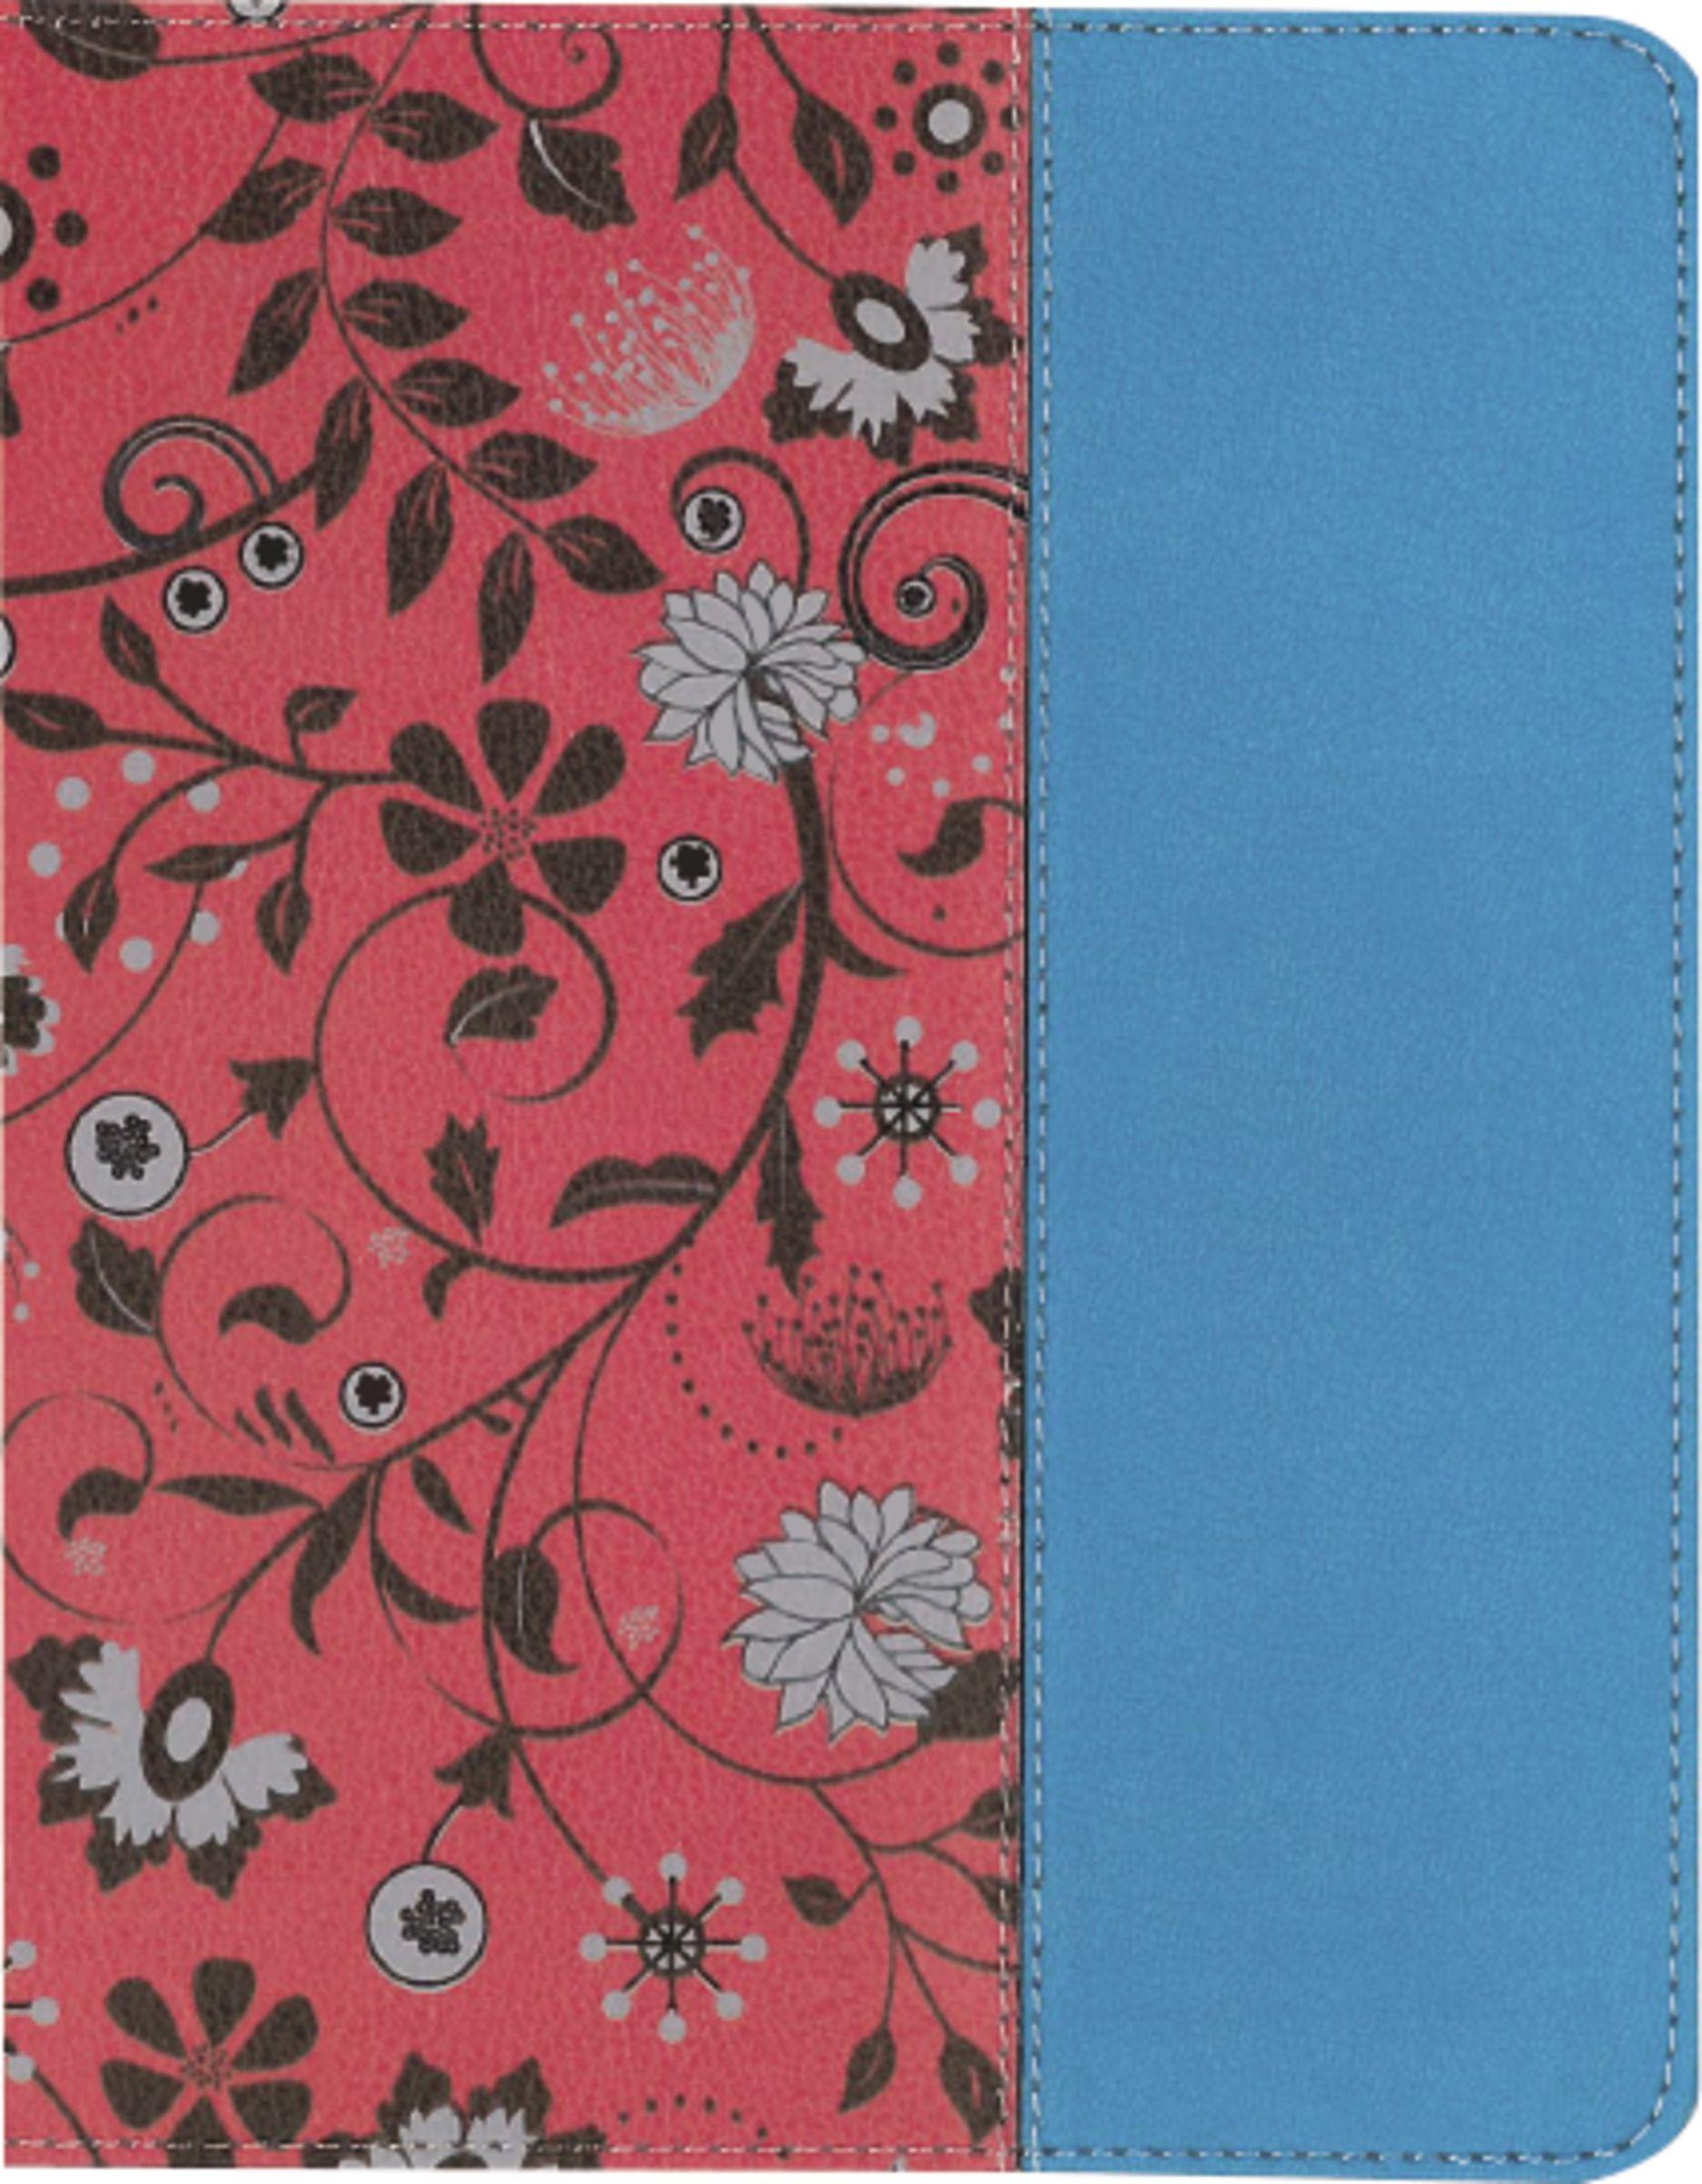 NIV Beautiful Word Coloring Bible for Teen Girls